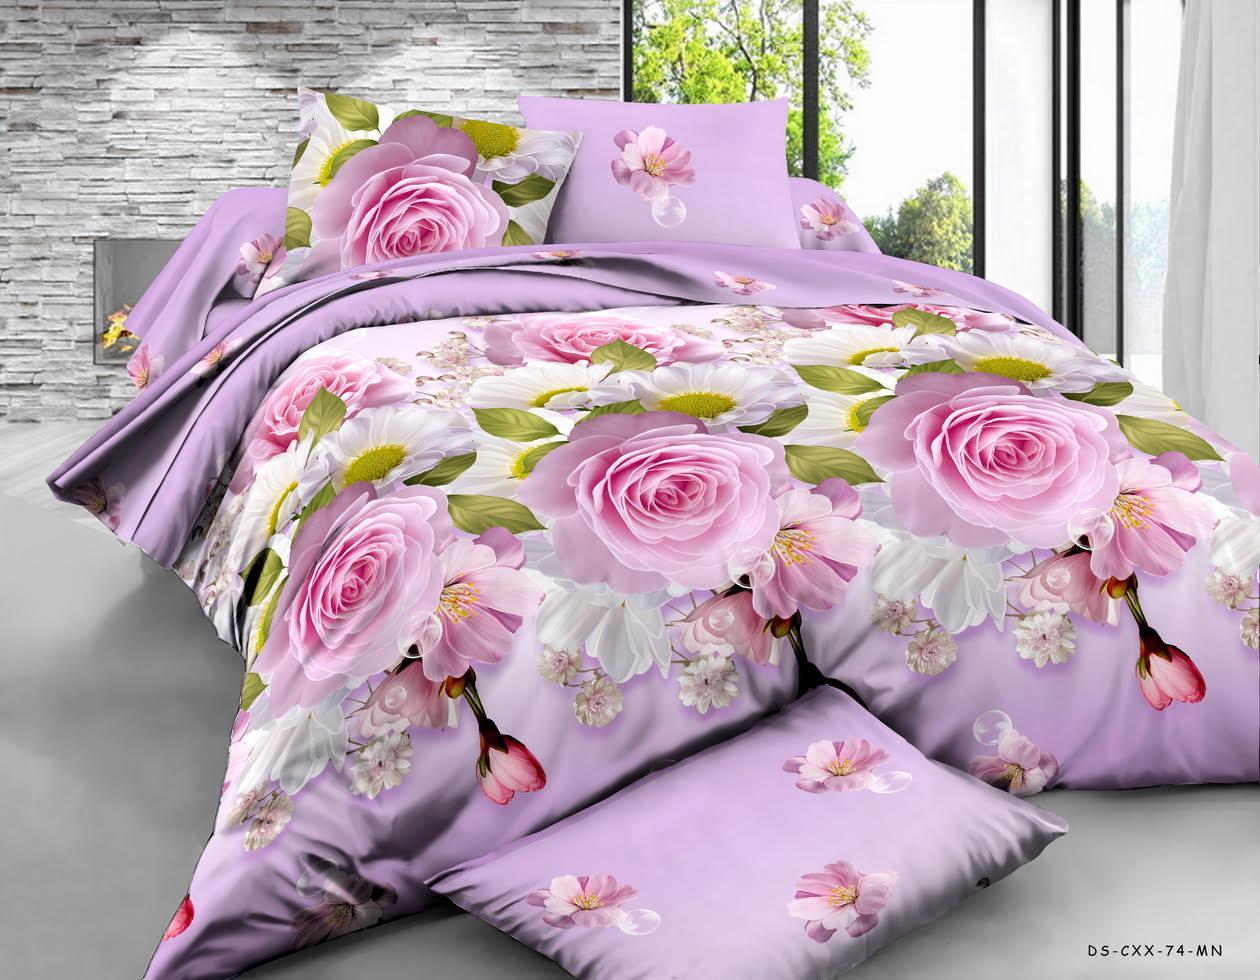 Евро комплект постельного белья 200х220 Букет Цветов